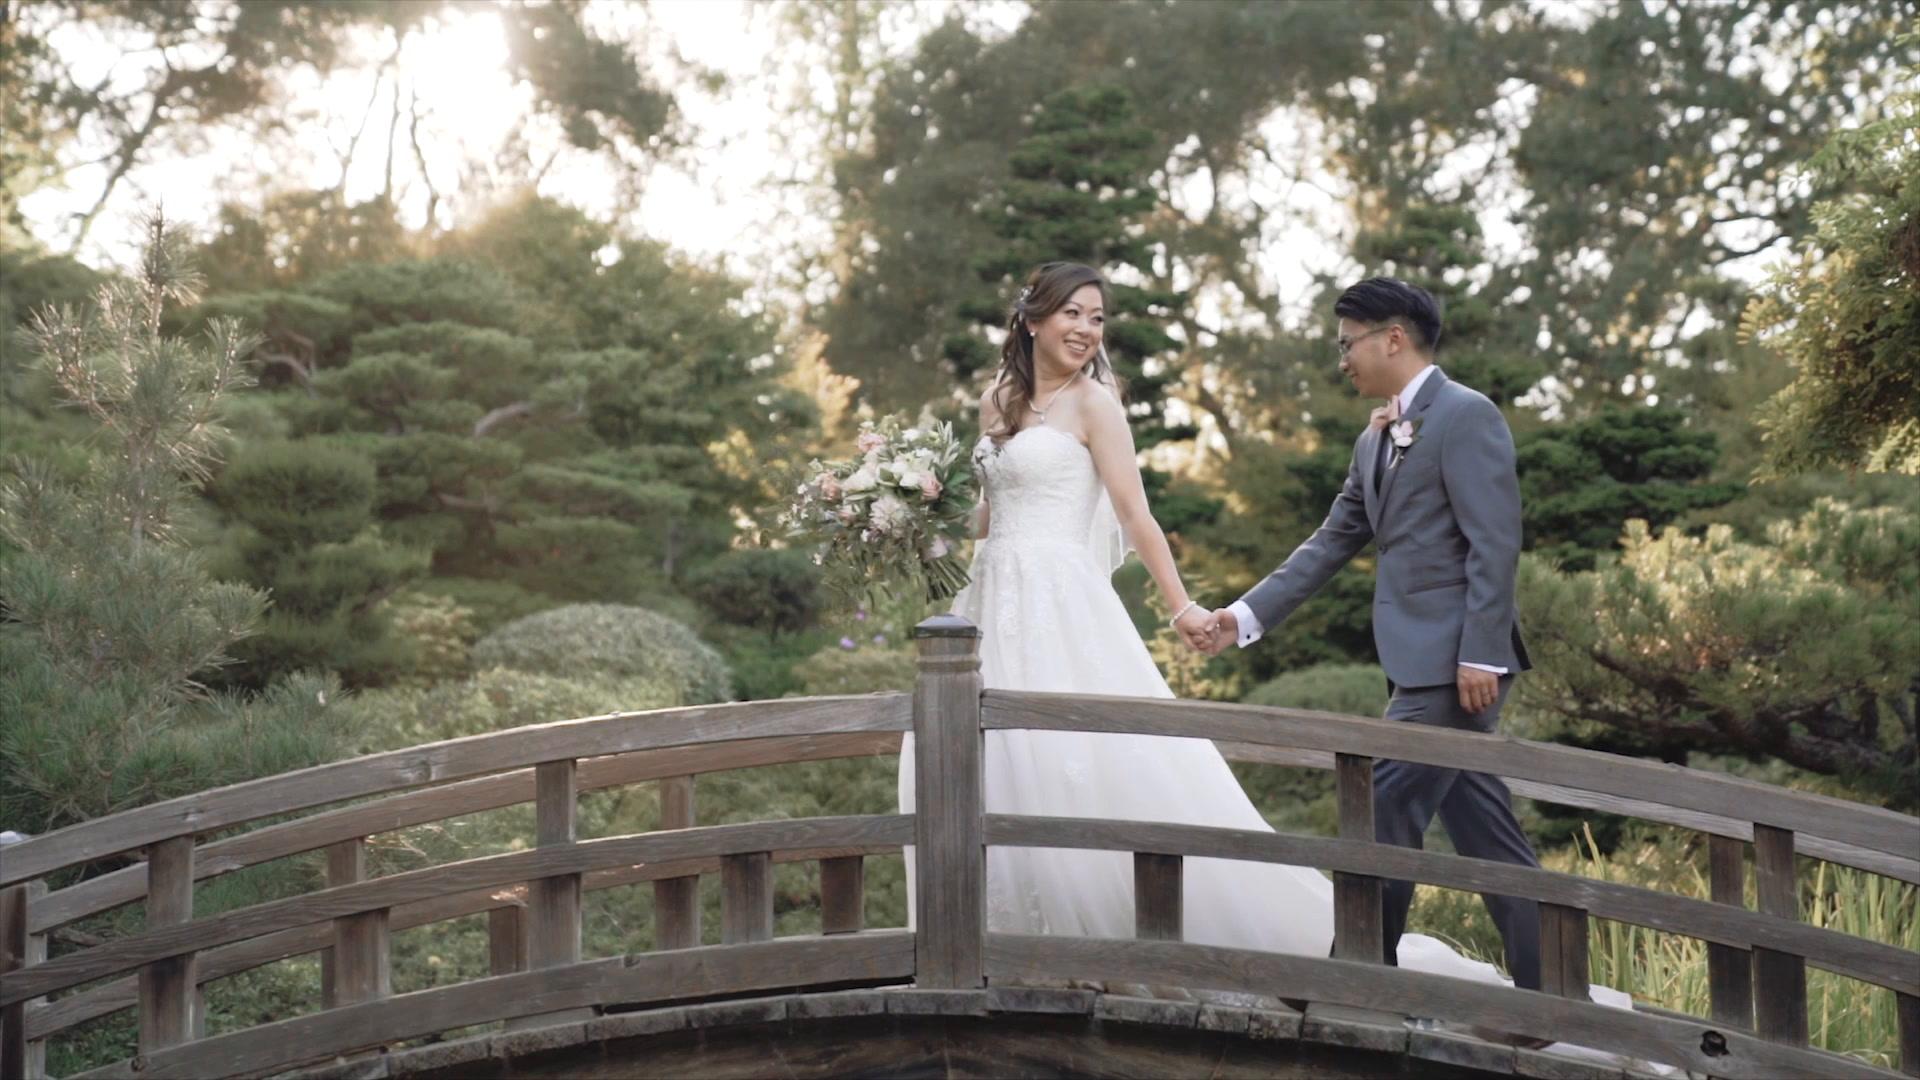 Jenny + Minh | Saratoga, California | Hakone Estate Gardens